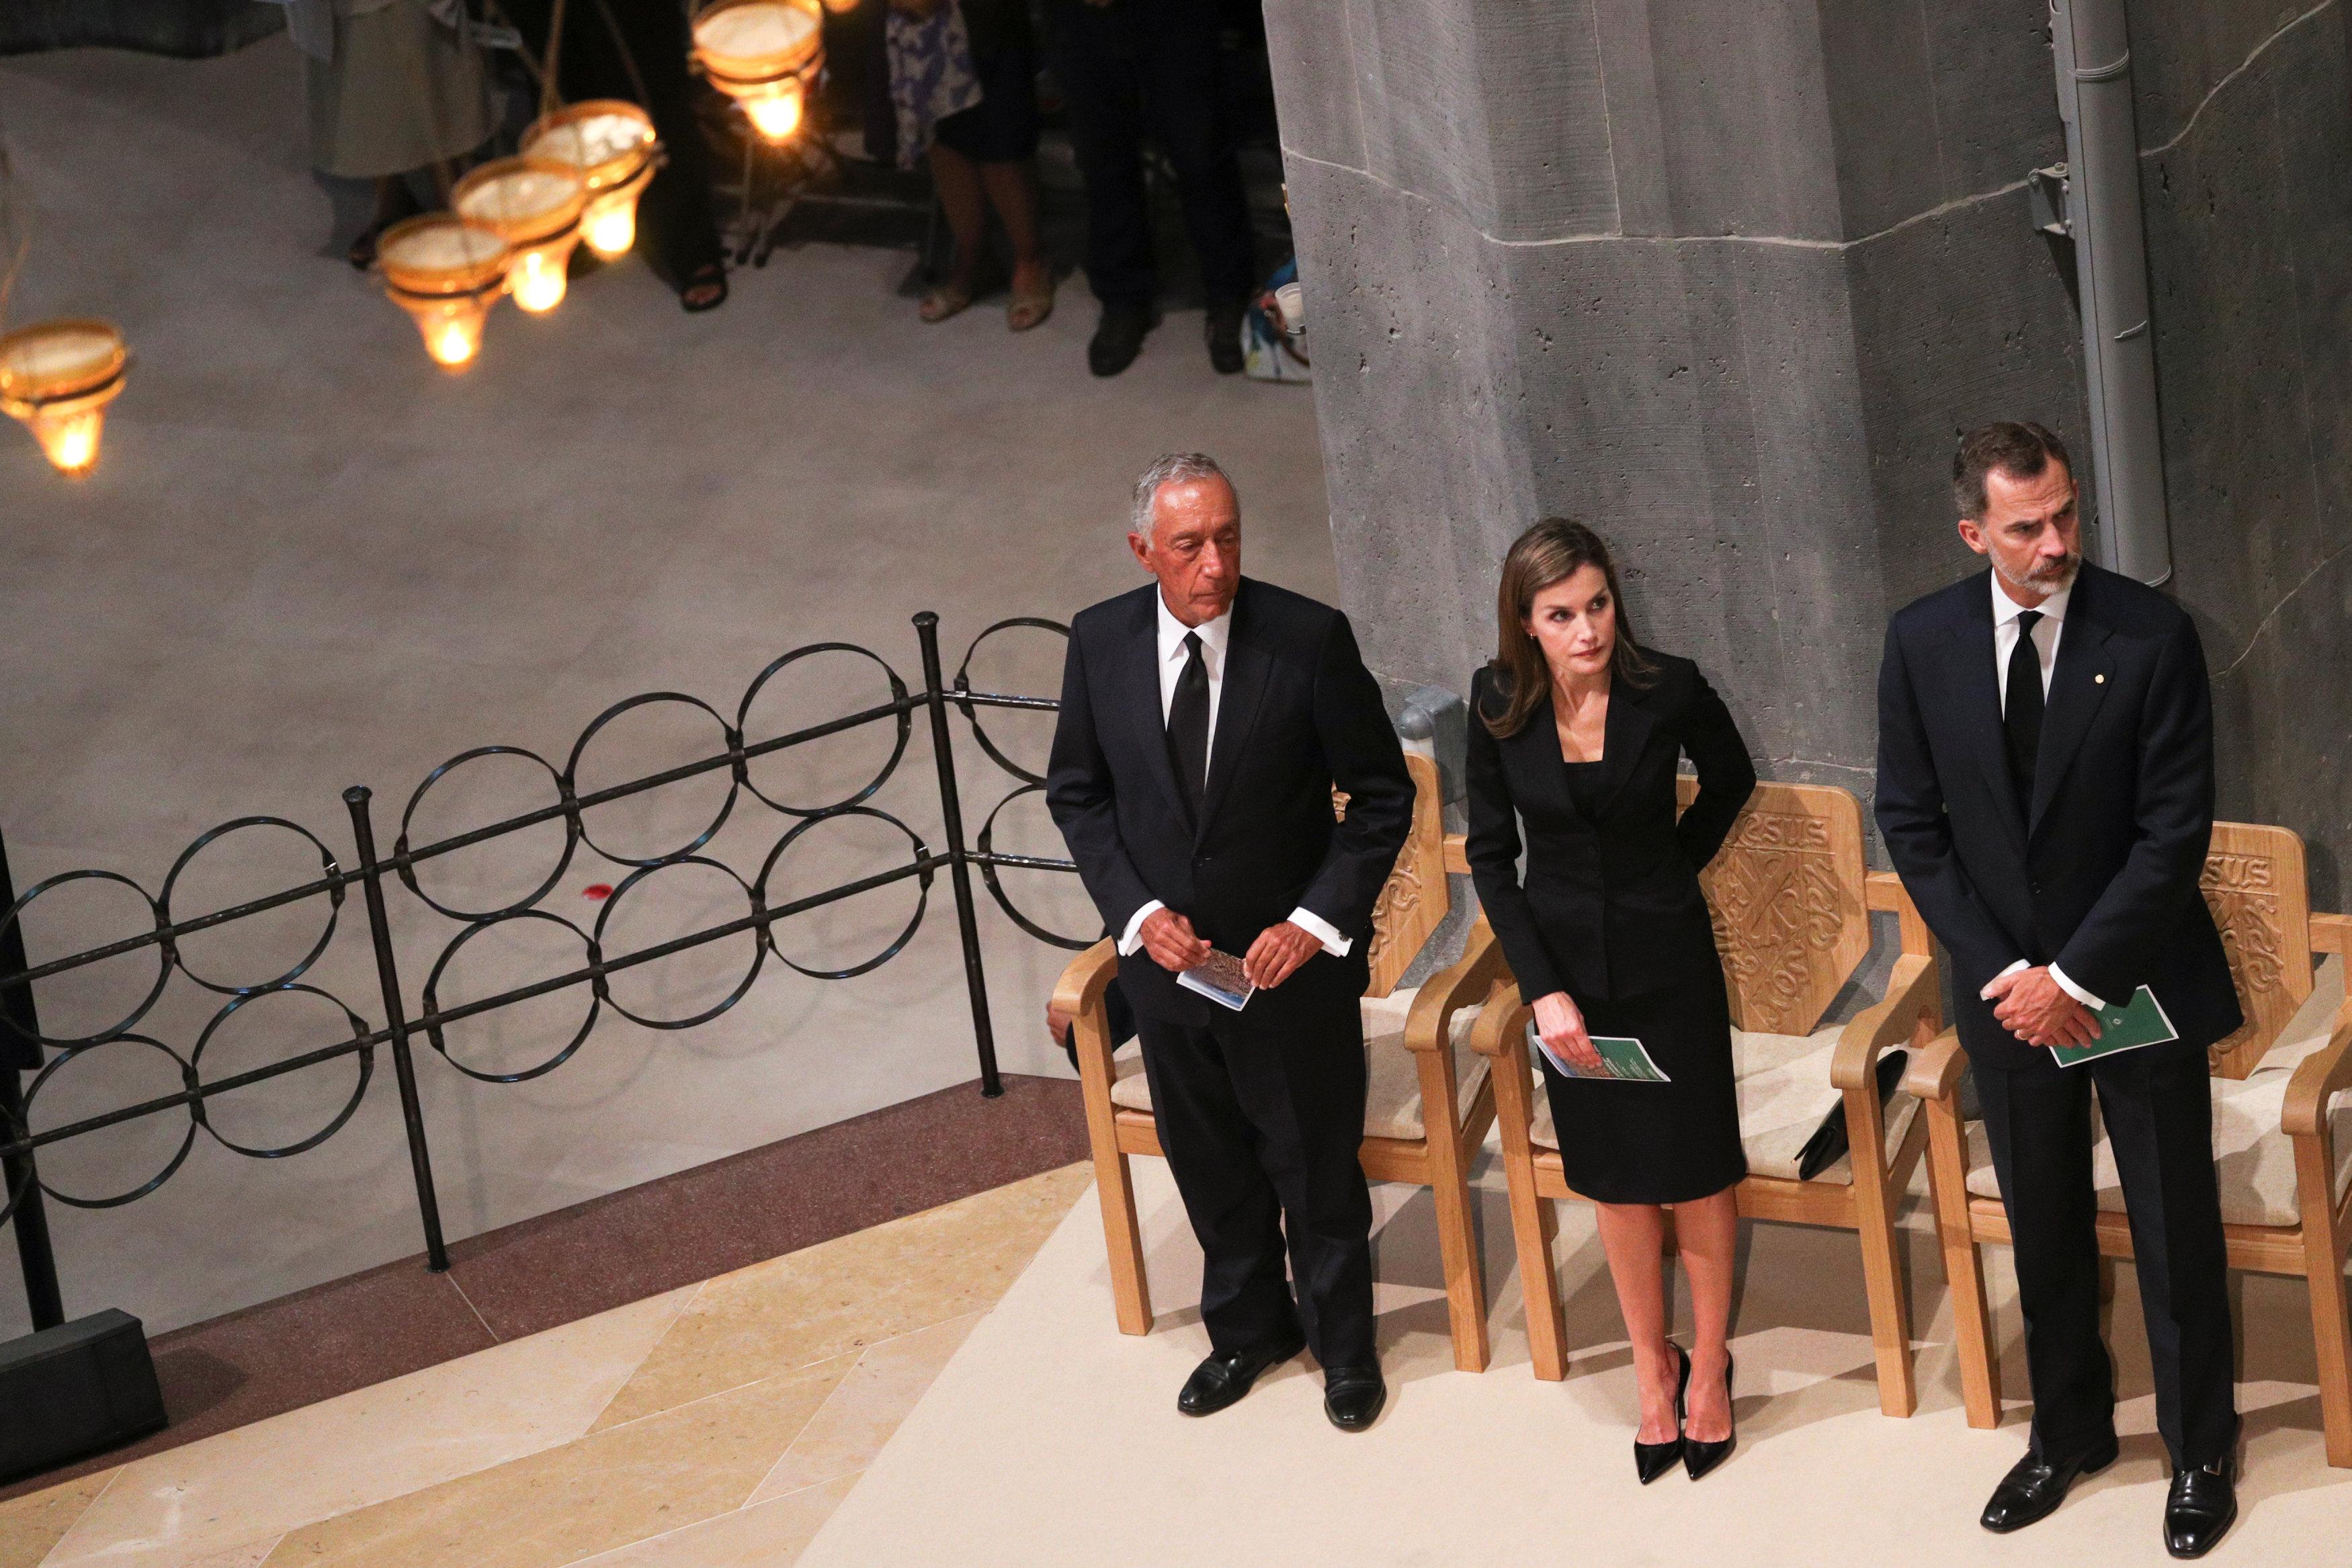 الرئيس البرتغالى يشارك فى تأبين ضحايا برشلونه وكامبريلس